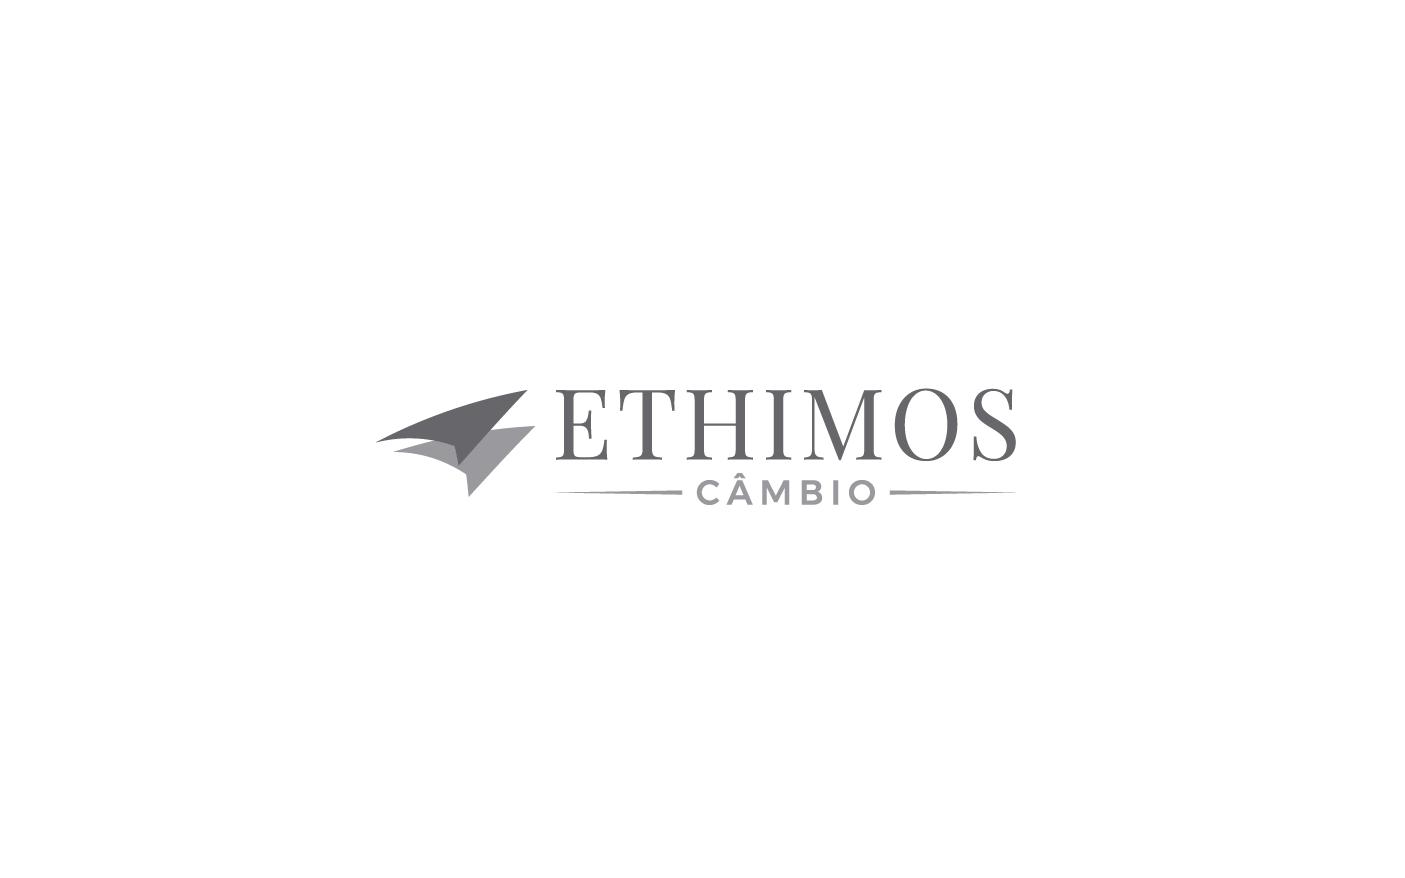 Ethimos Câmbio